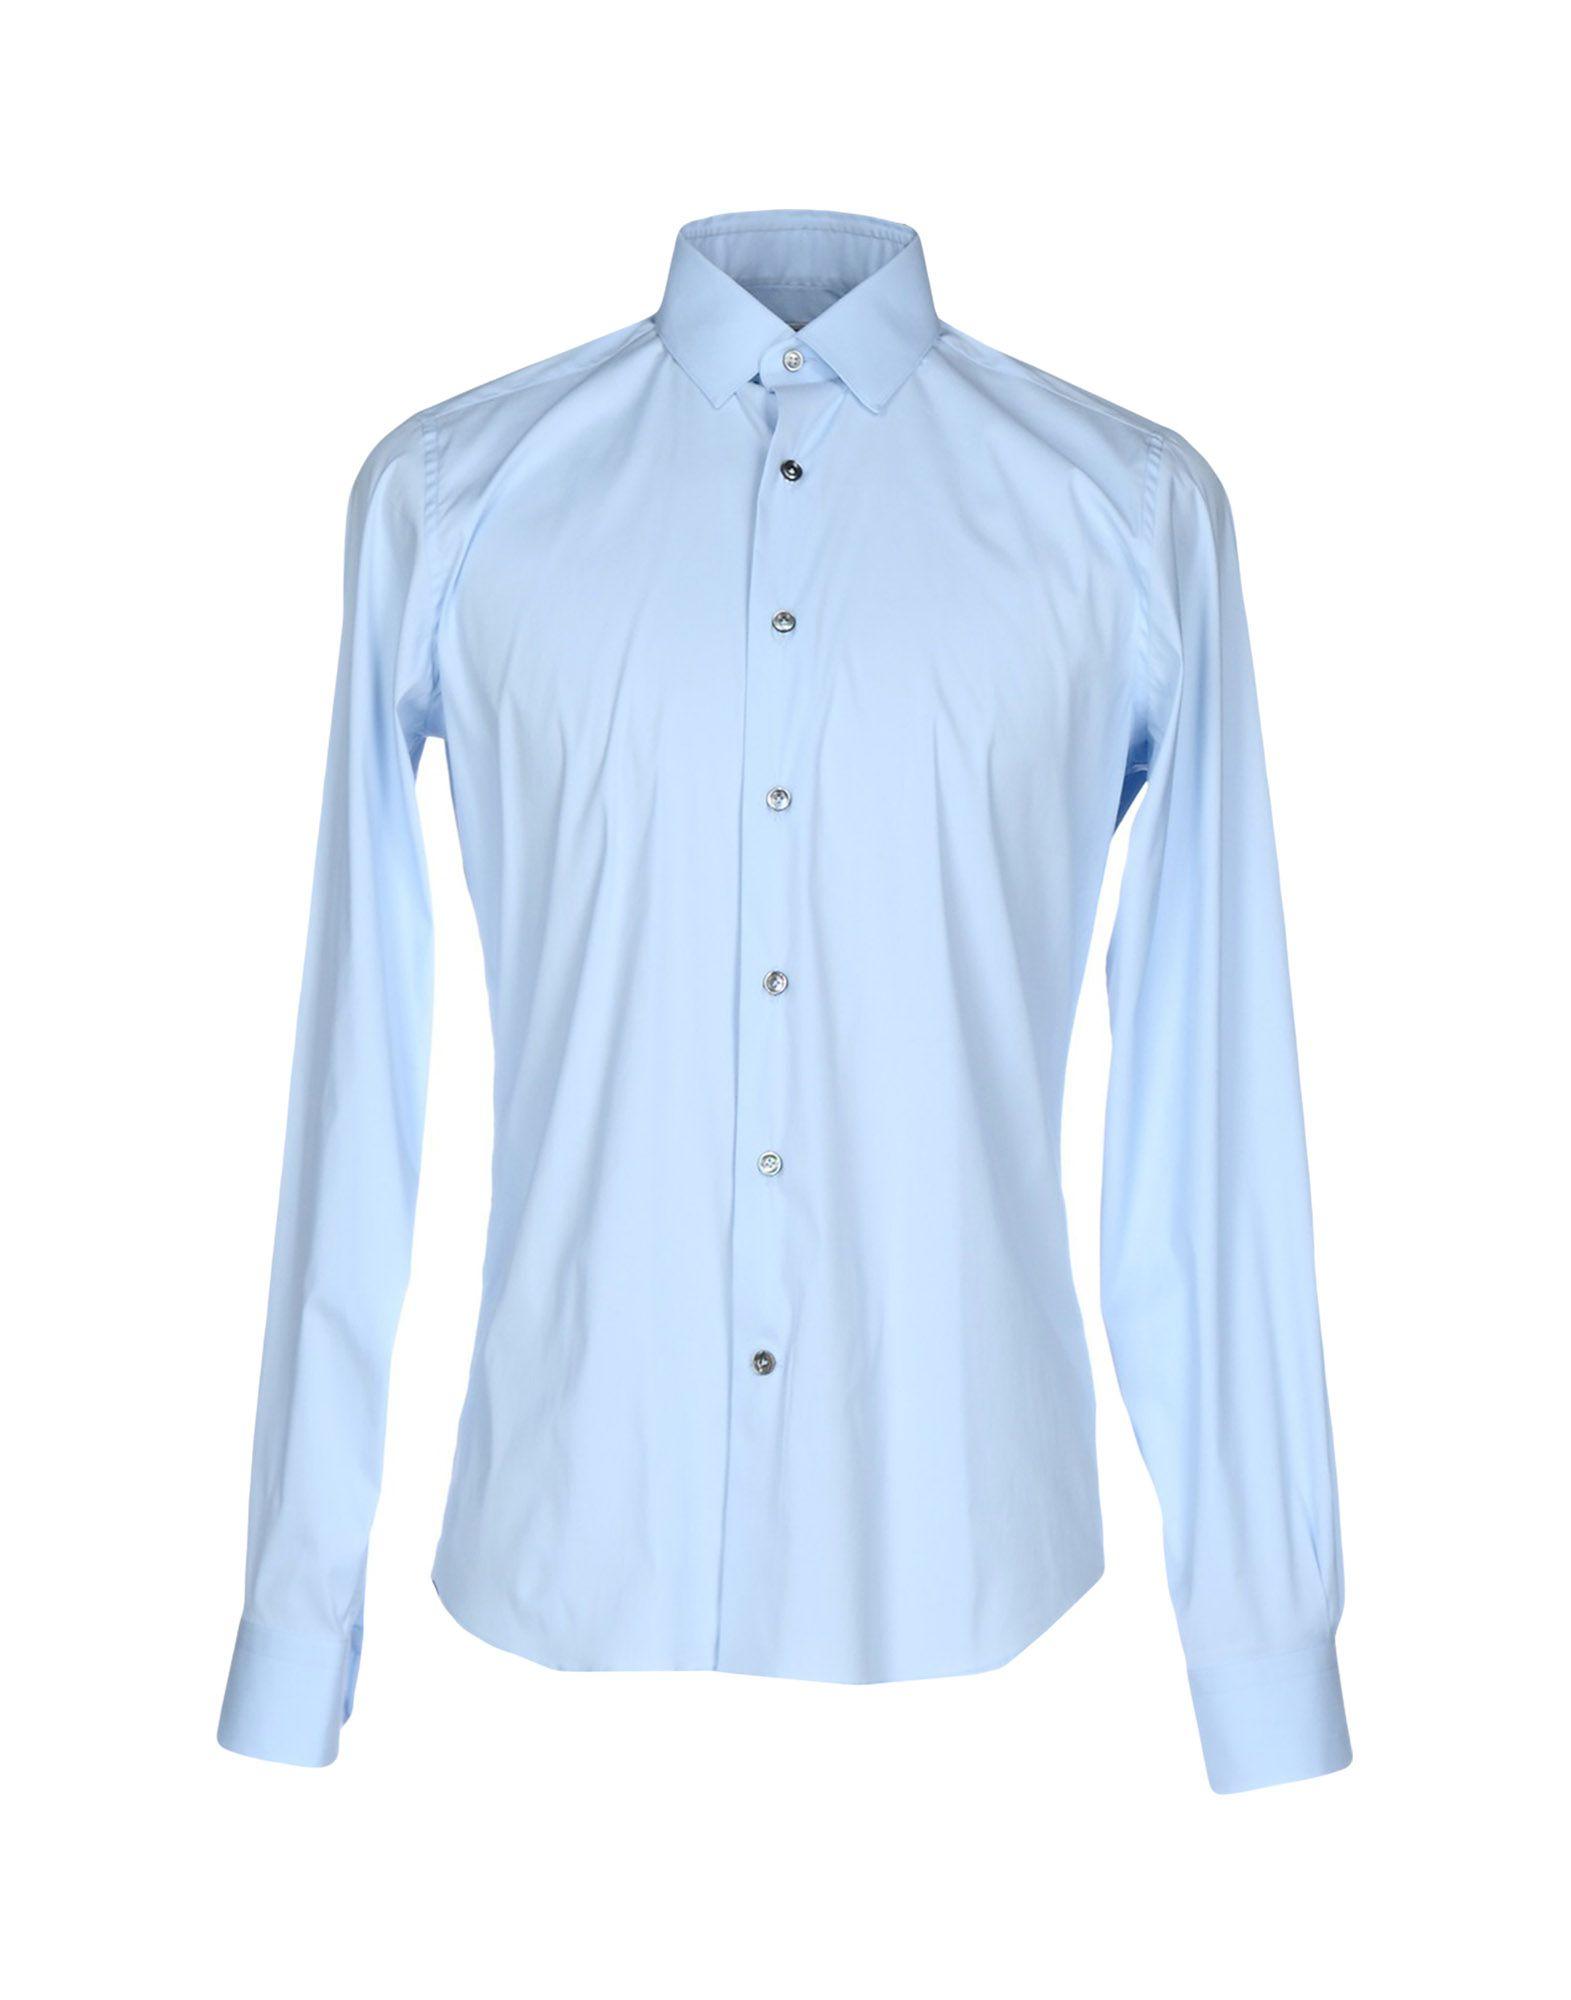 VALENTINO Herren Hemd Farbe Himmelblau Größe 6